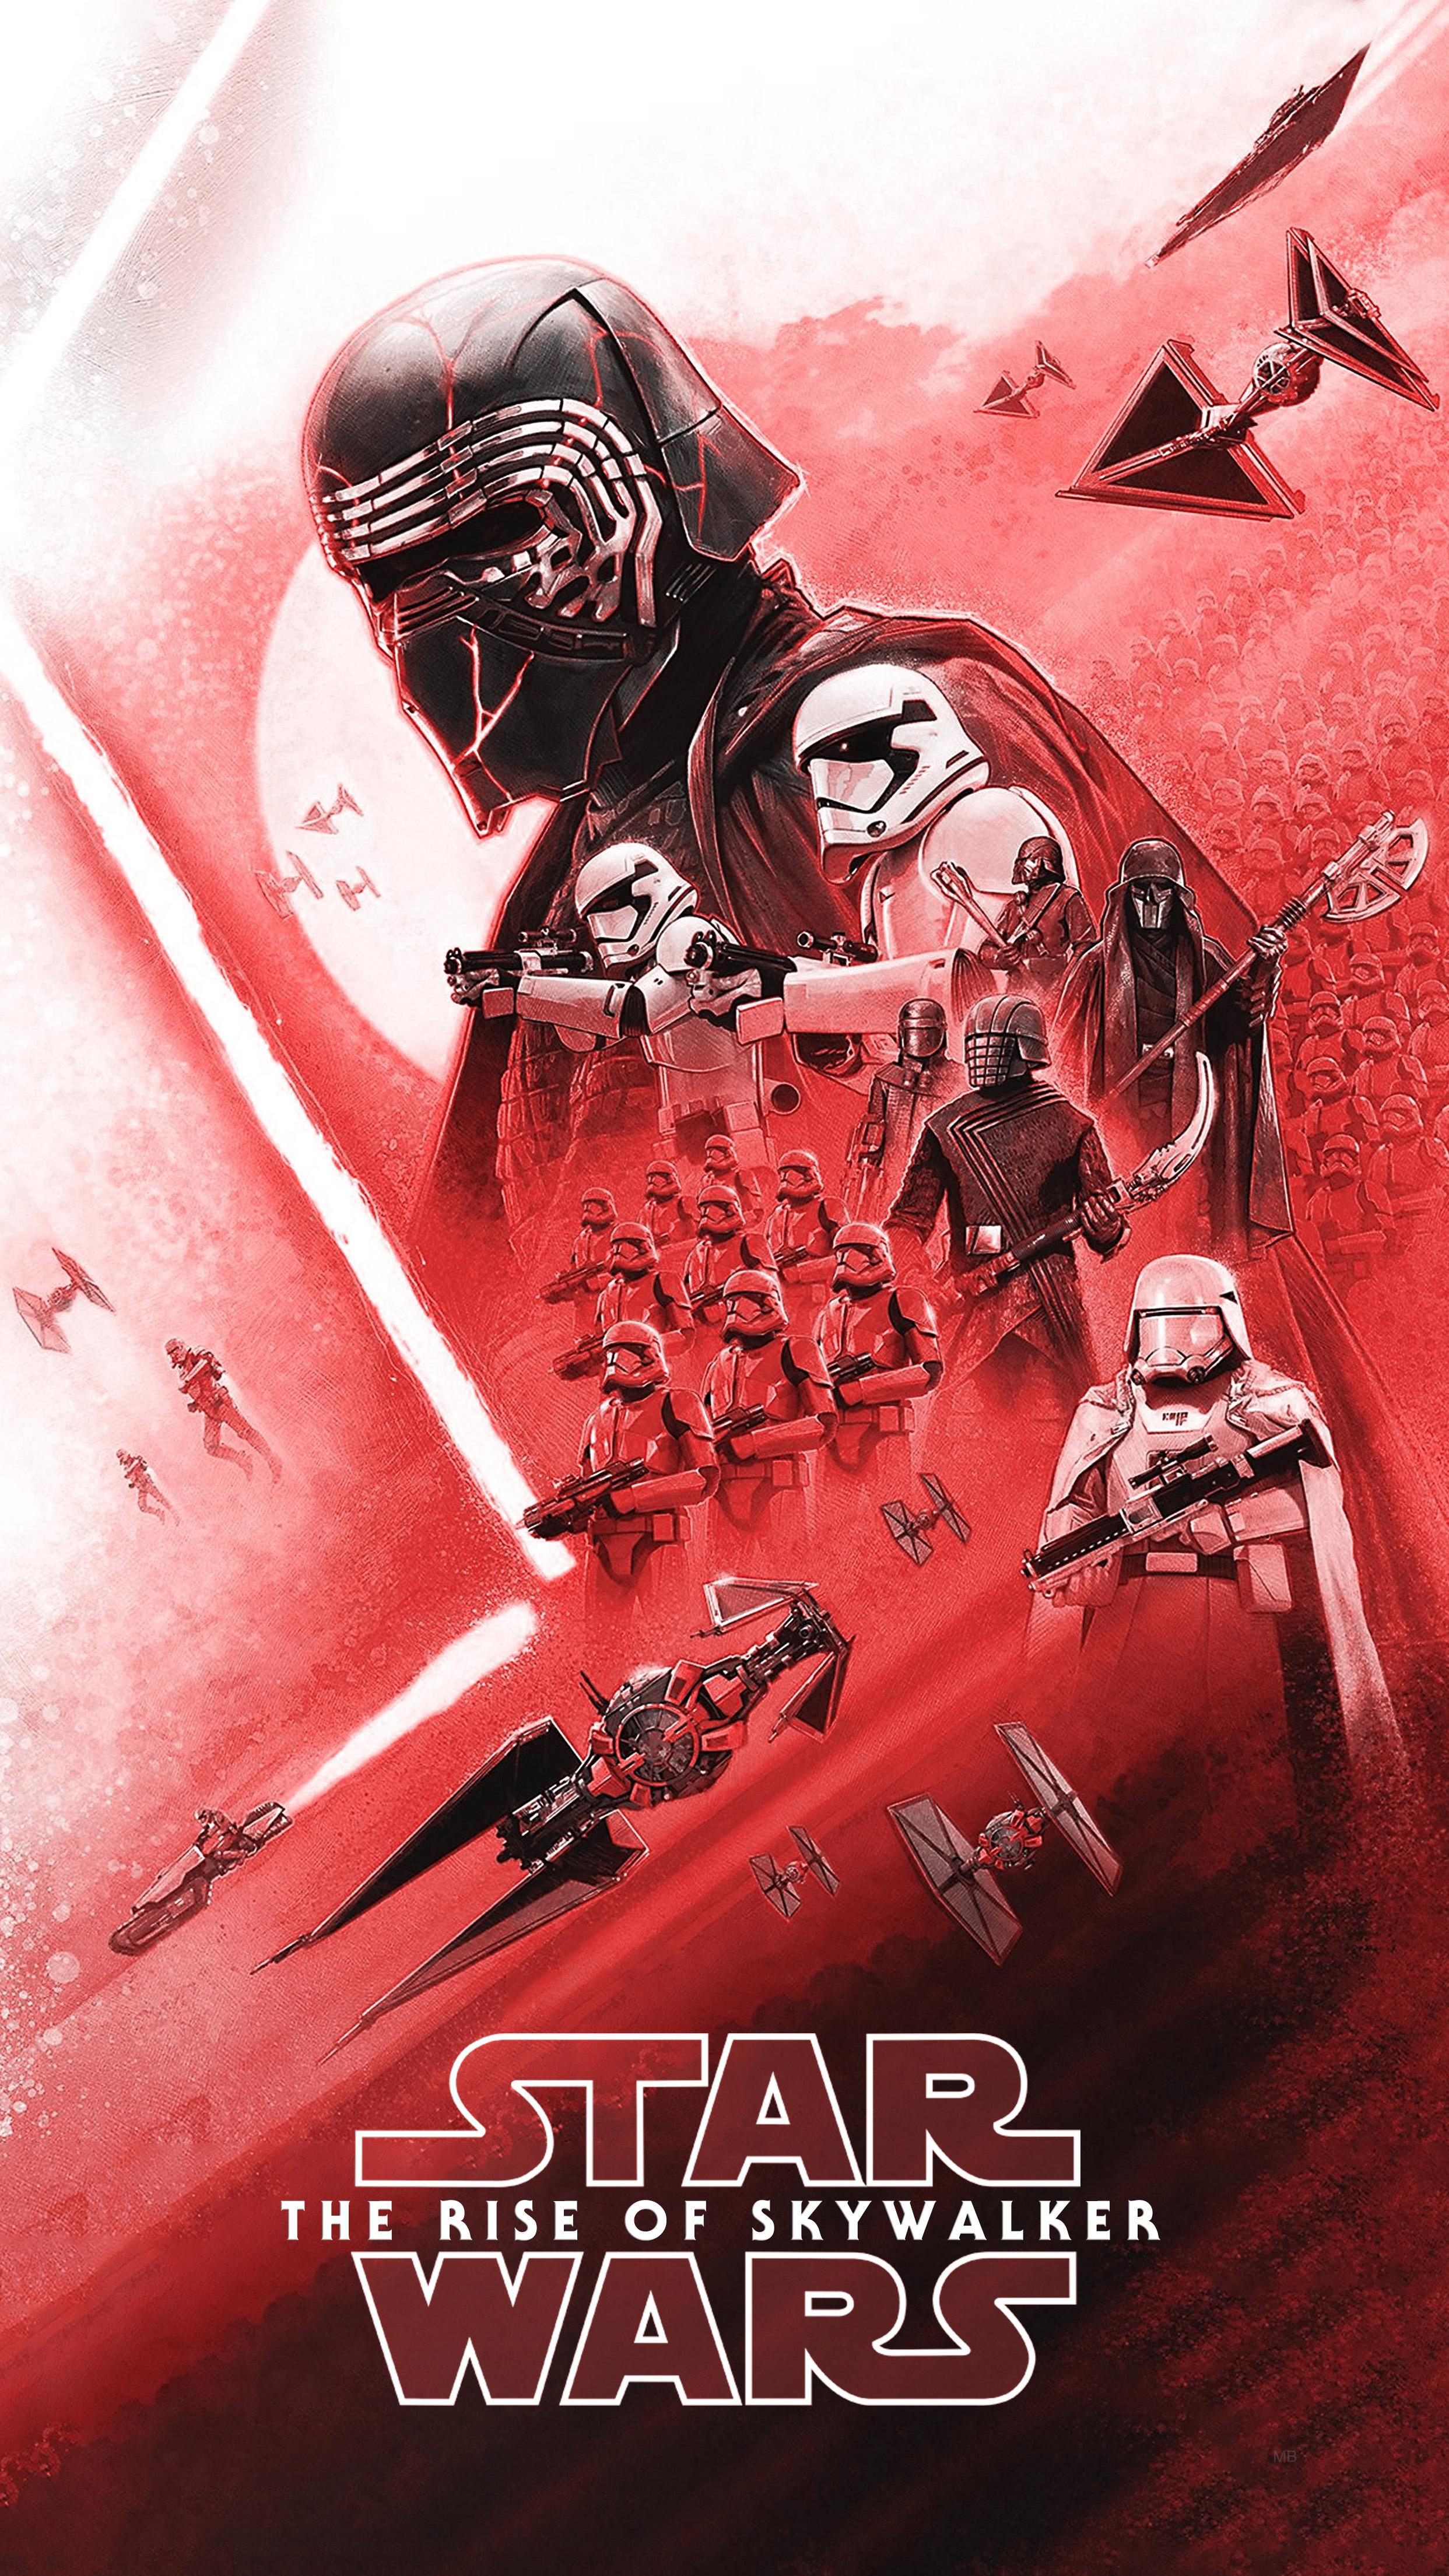 New Star Wars Insider The Rise Of Skywalker Cover Art Wallpaper